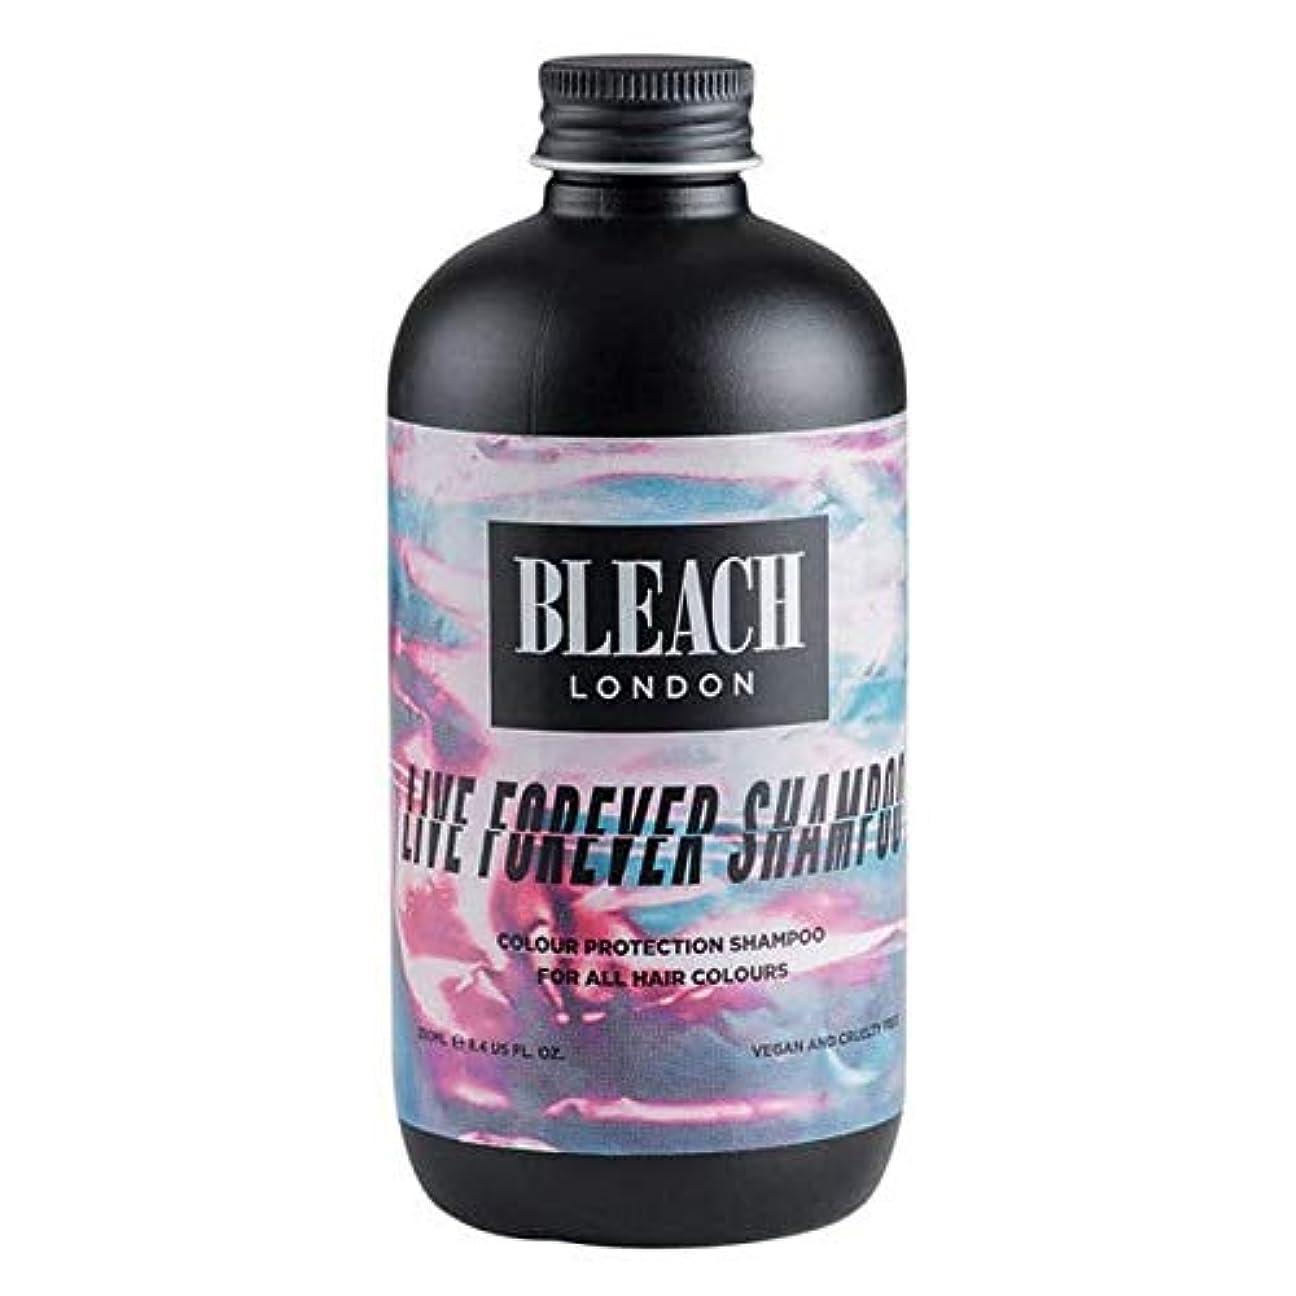 複製アパルどういたしまして[Bleach London ] 漂白ロンドン永遠シャンプー250ミリリットルを生きます - Bleach London Live Forever Shampoo 250ml [並行輸入品]